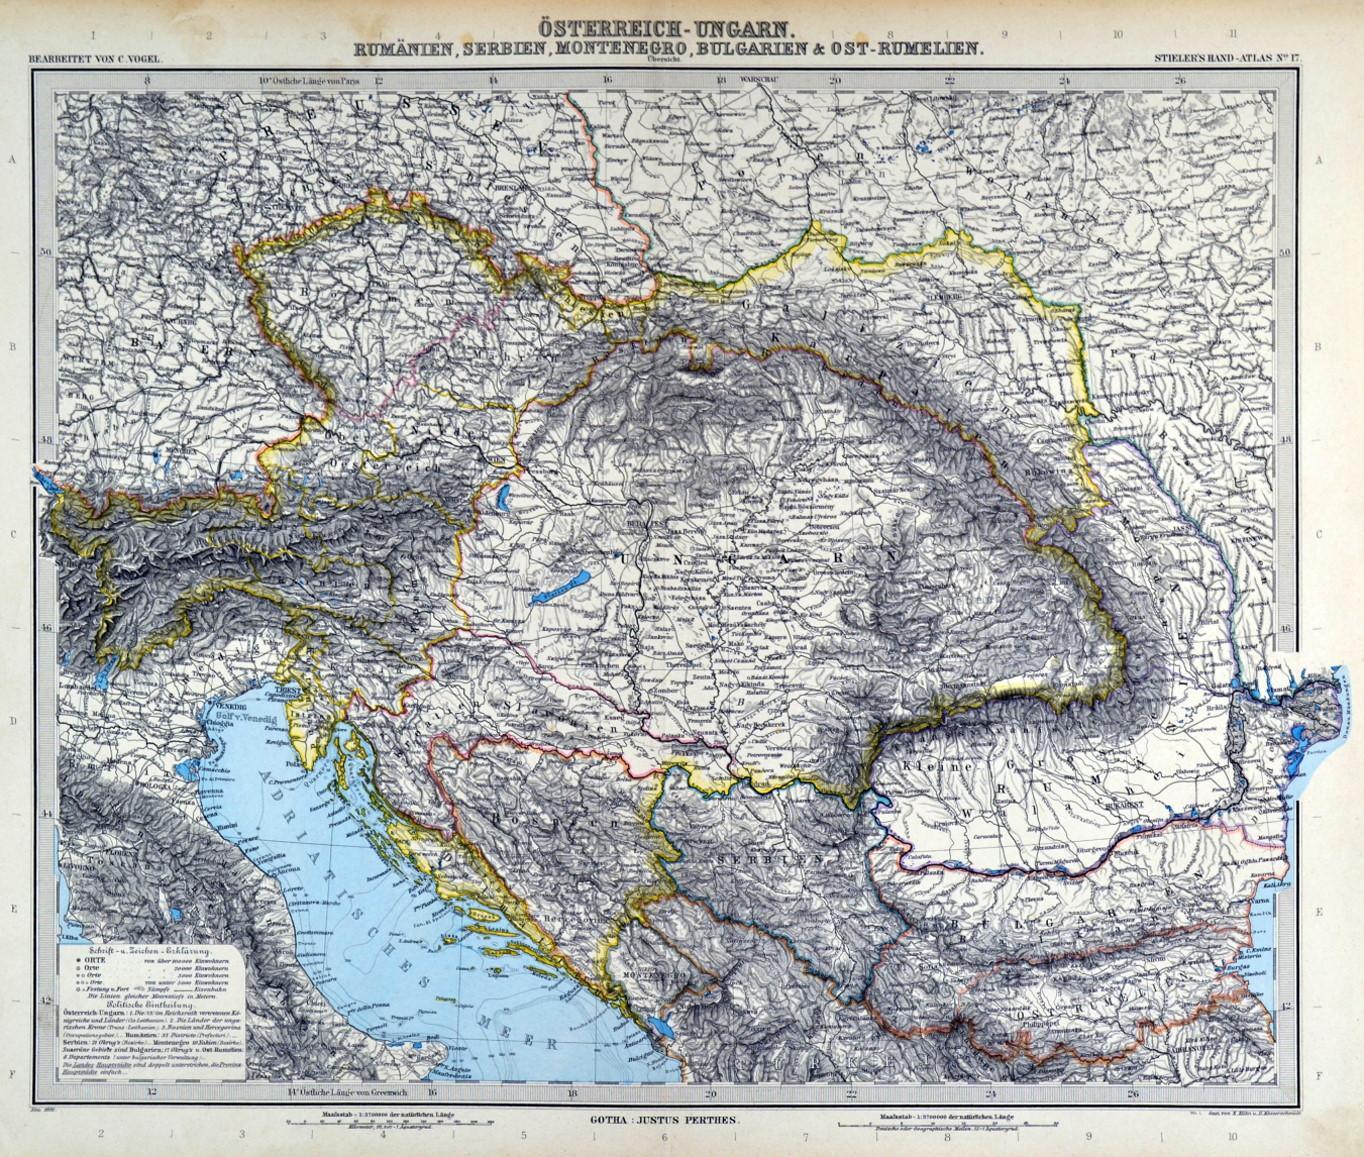 Osterreich Und Ungarn Karte Osterreich Ungarn Rumanien